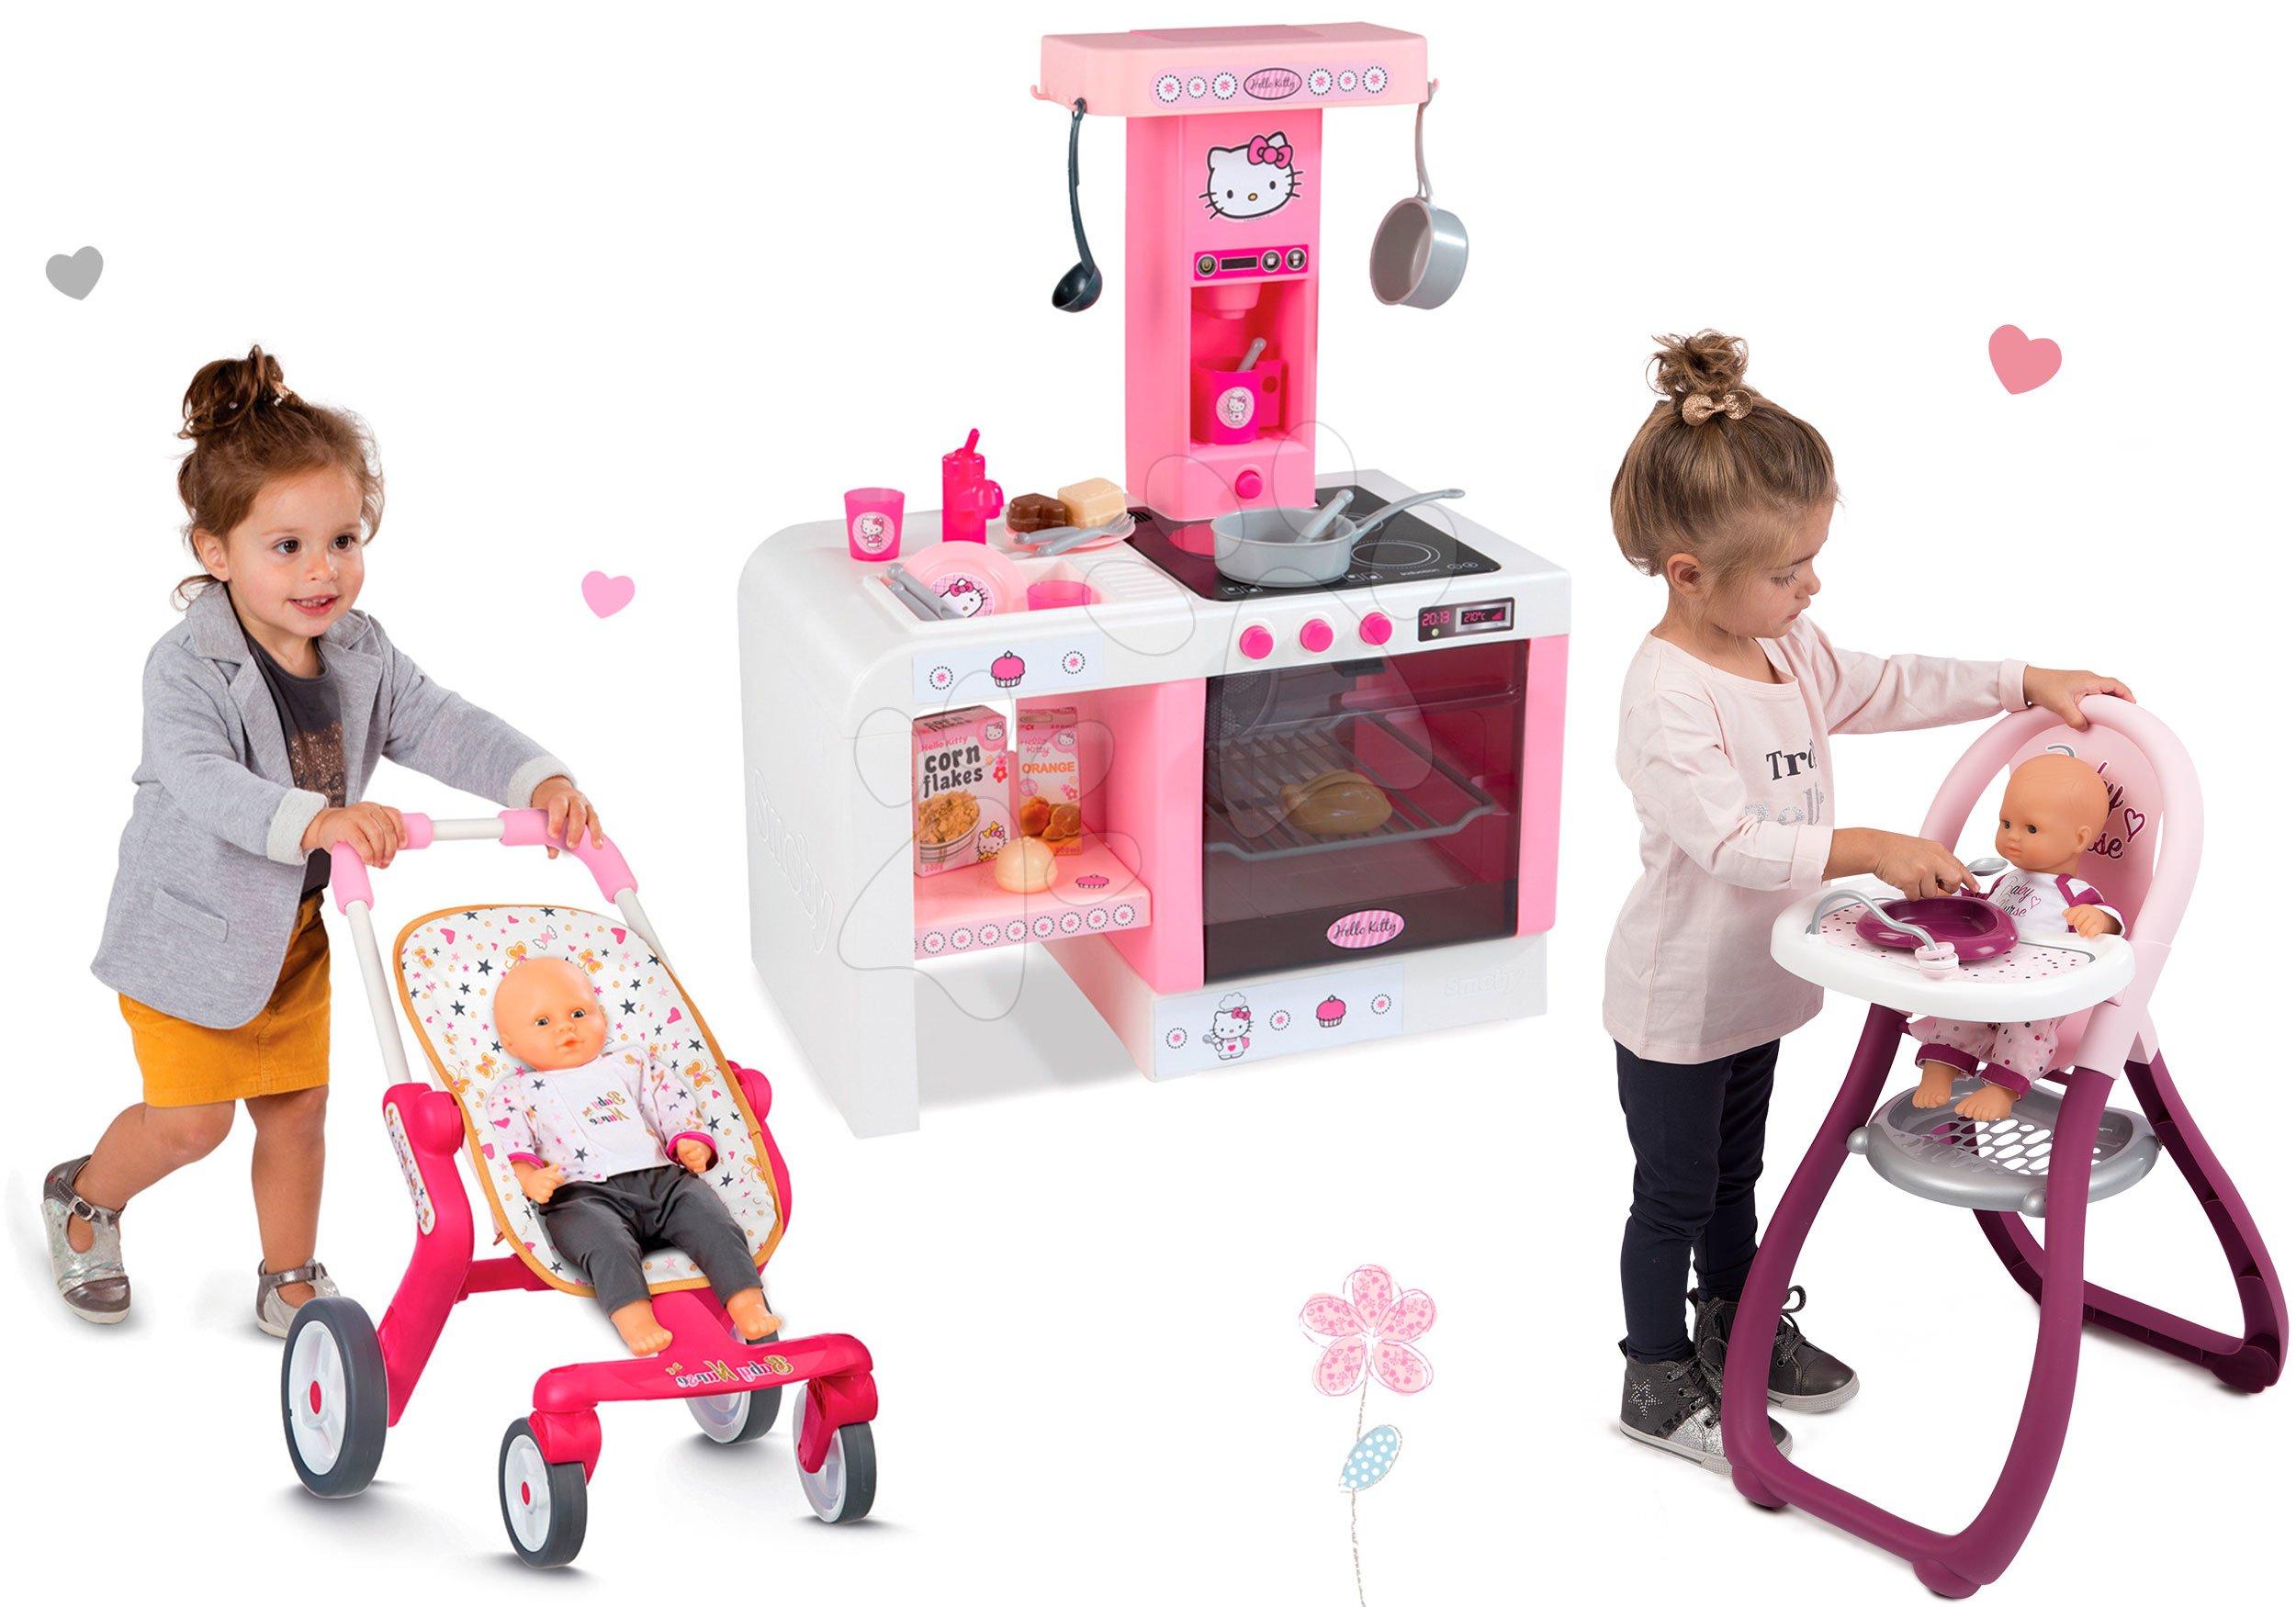 Smoby detská kuchynka Hello Kitty Cheftronic, kočiarik a stolička 24195-1